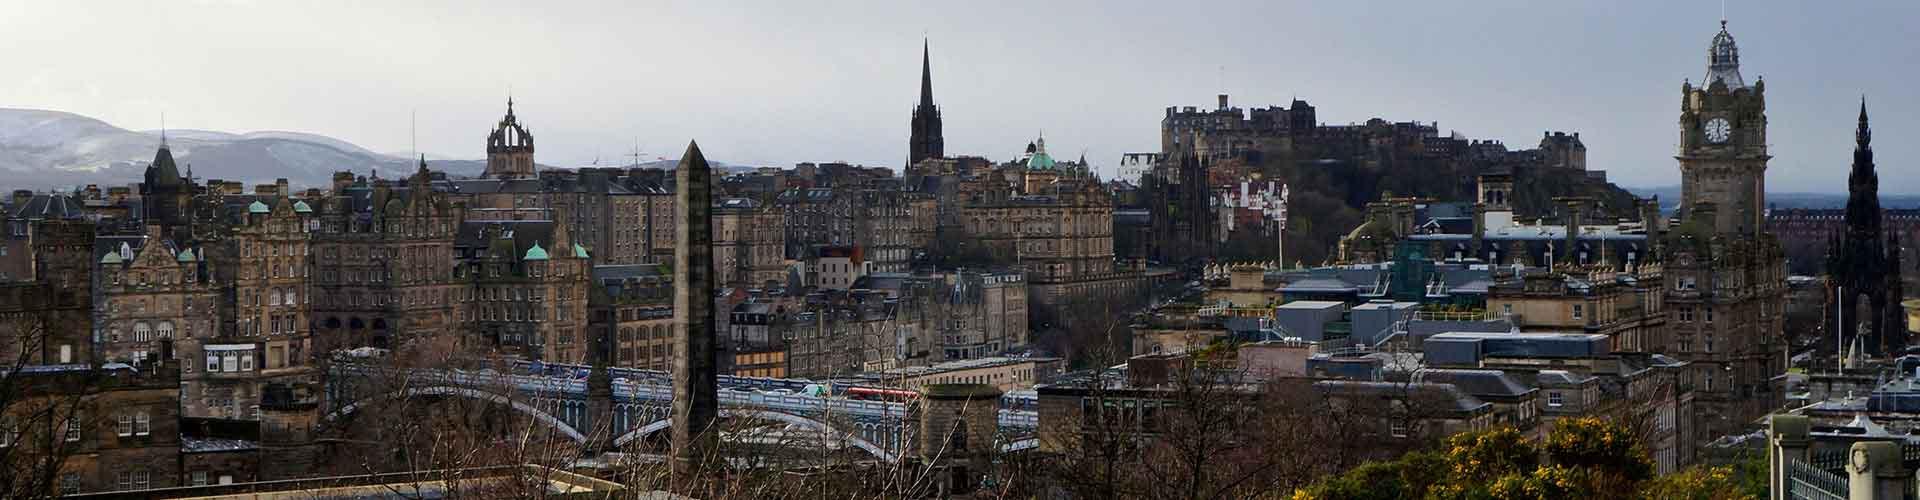 Edinburgh – Hostellit kaupungiosassa Dean. Edinburgh -karttoja, valokuvia ja arvosteluja kaikista Edinburgh -hostelleista.